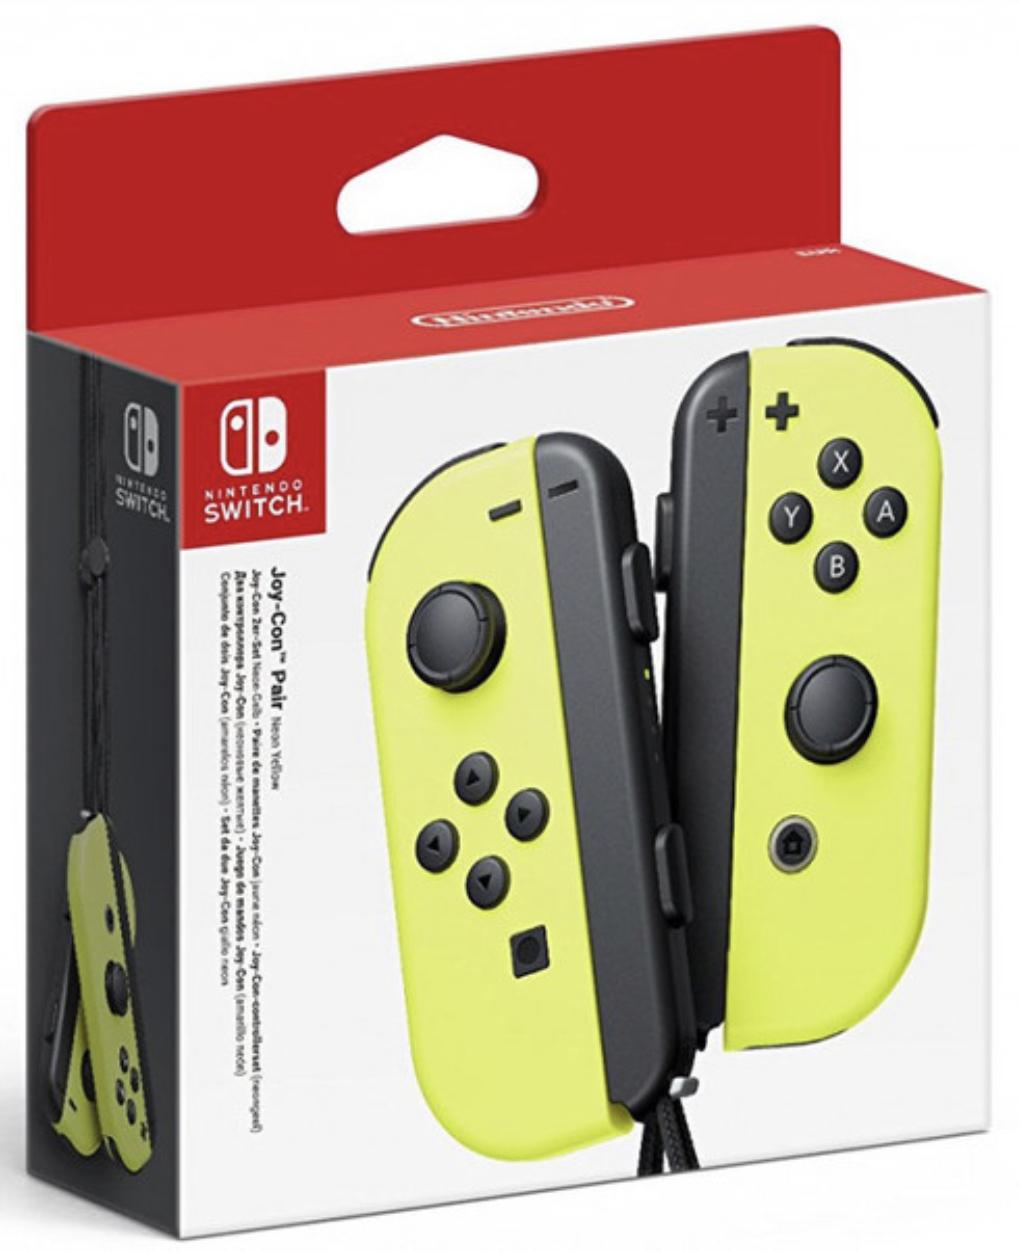 Nintendo Switch Joy-Con Controller 2er-Set Neon-Gelb für 59,90€ inkl. Versandkosten mit Paydirekt